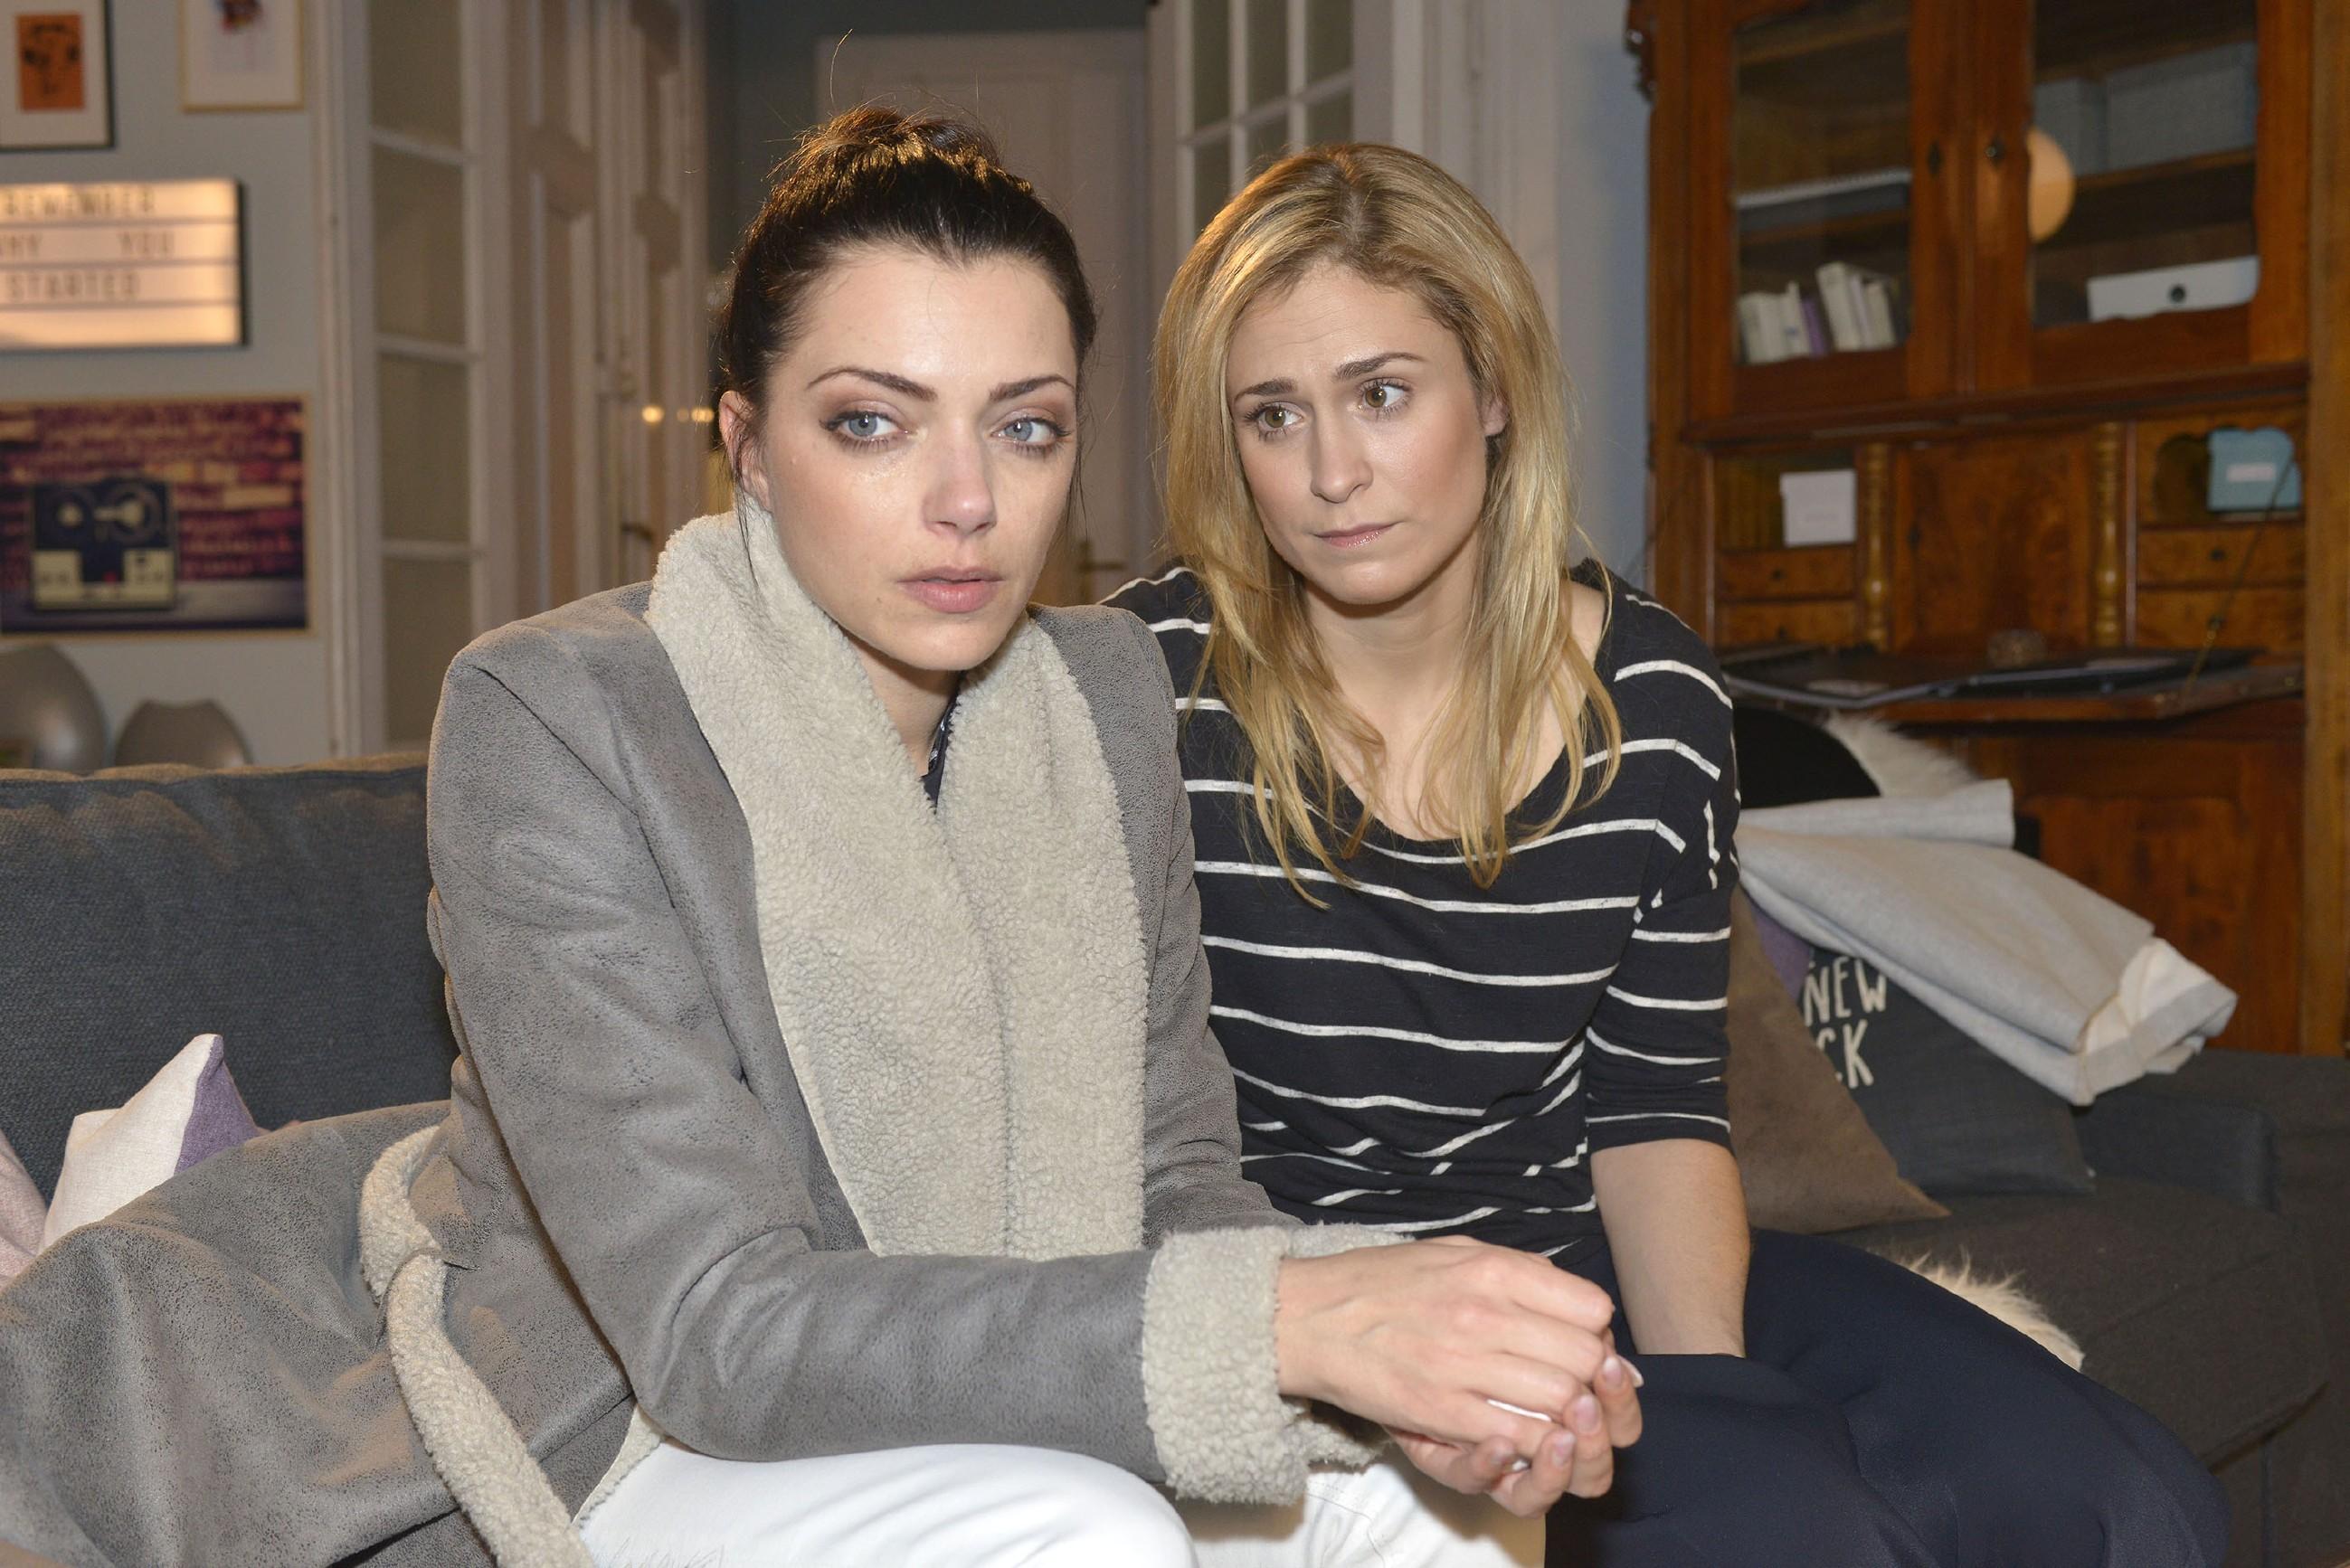 Sophie (Lea Marlen Woitack, r.) wirbt bei der enttäuschten Emily (Anne Menden) um Verständnis für Jasmins Entscheidung, für den neuen Job Tussi Attack zu verlassen. (Quelle: RTL / Rolf Baumgartner)